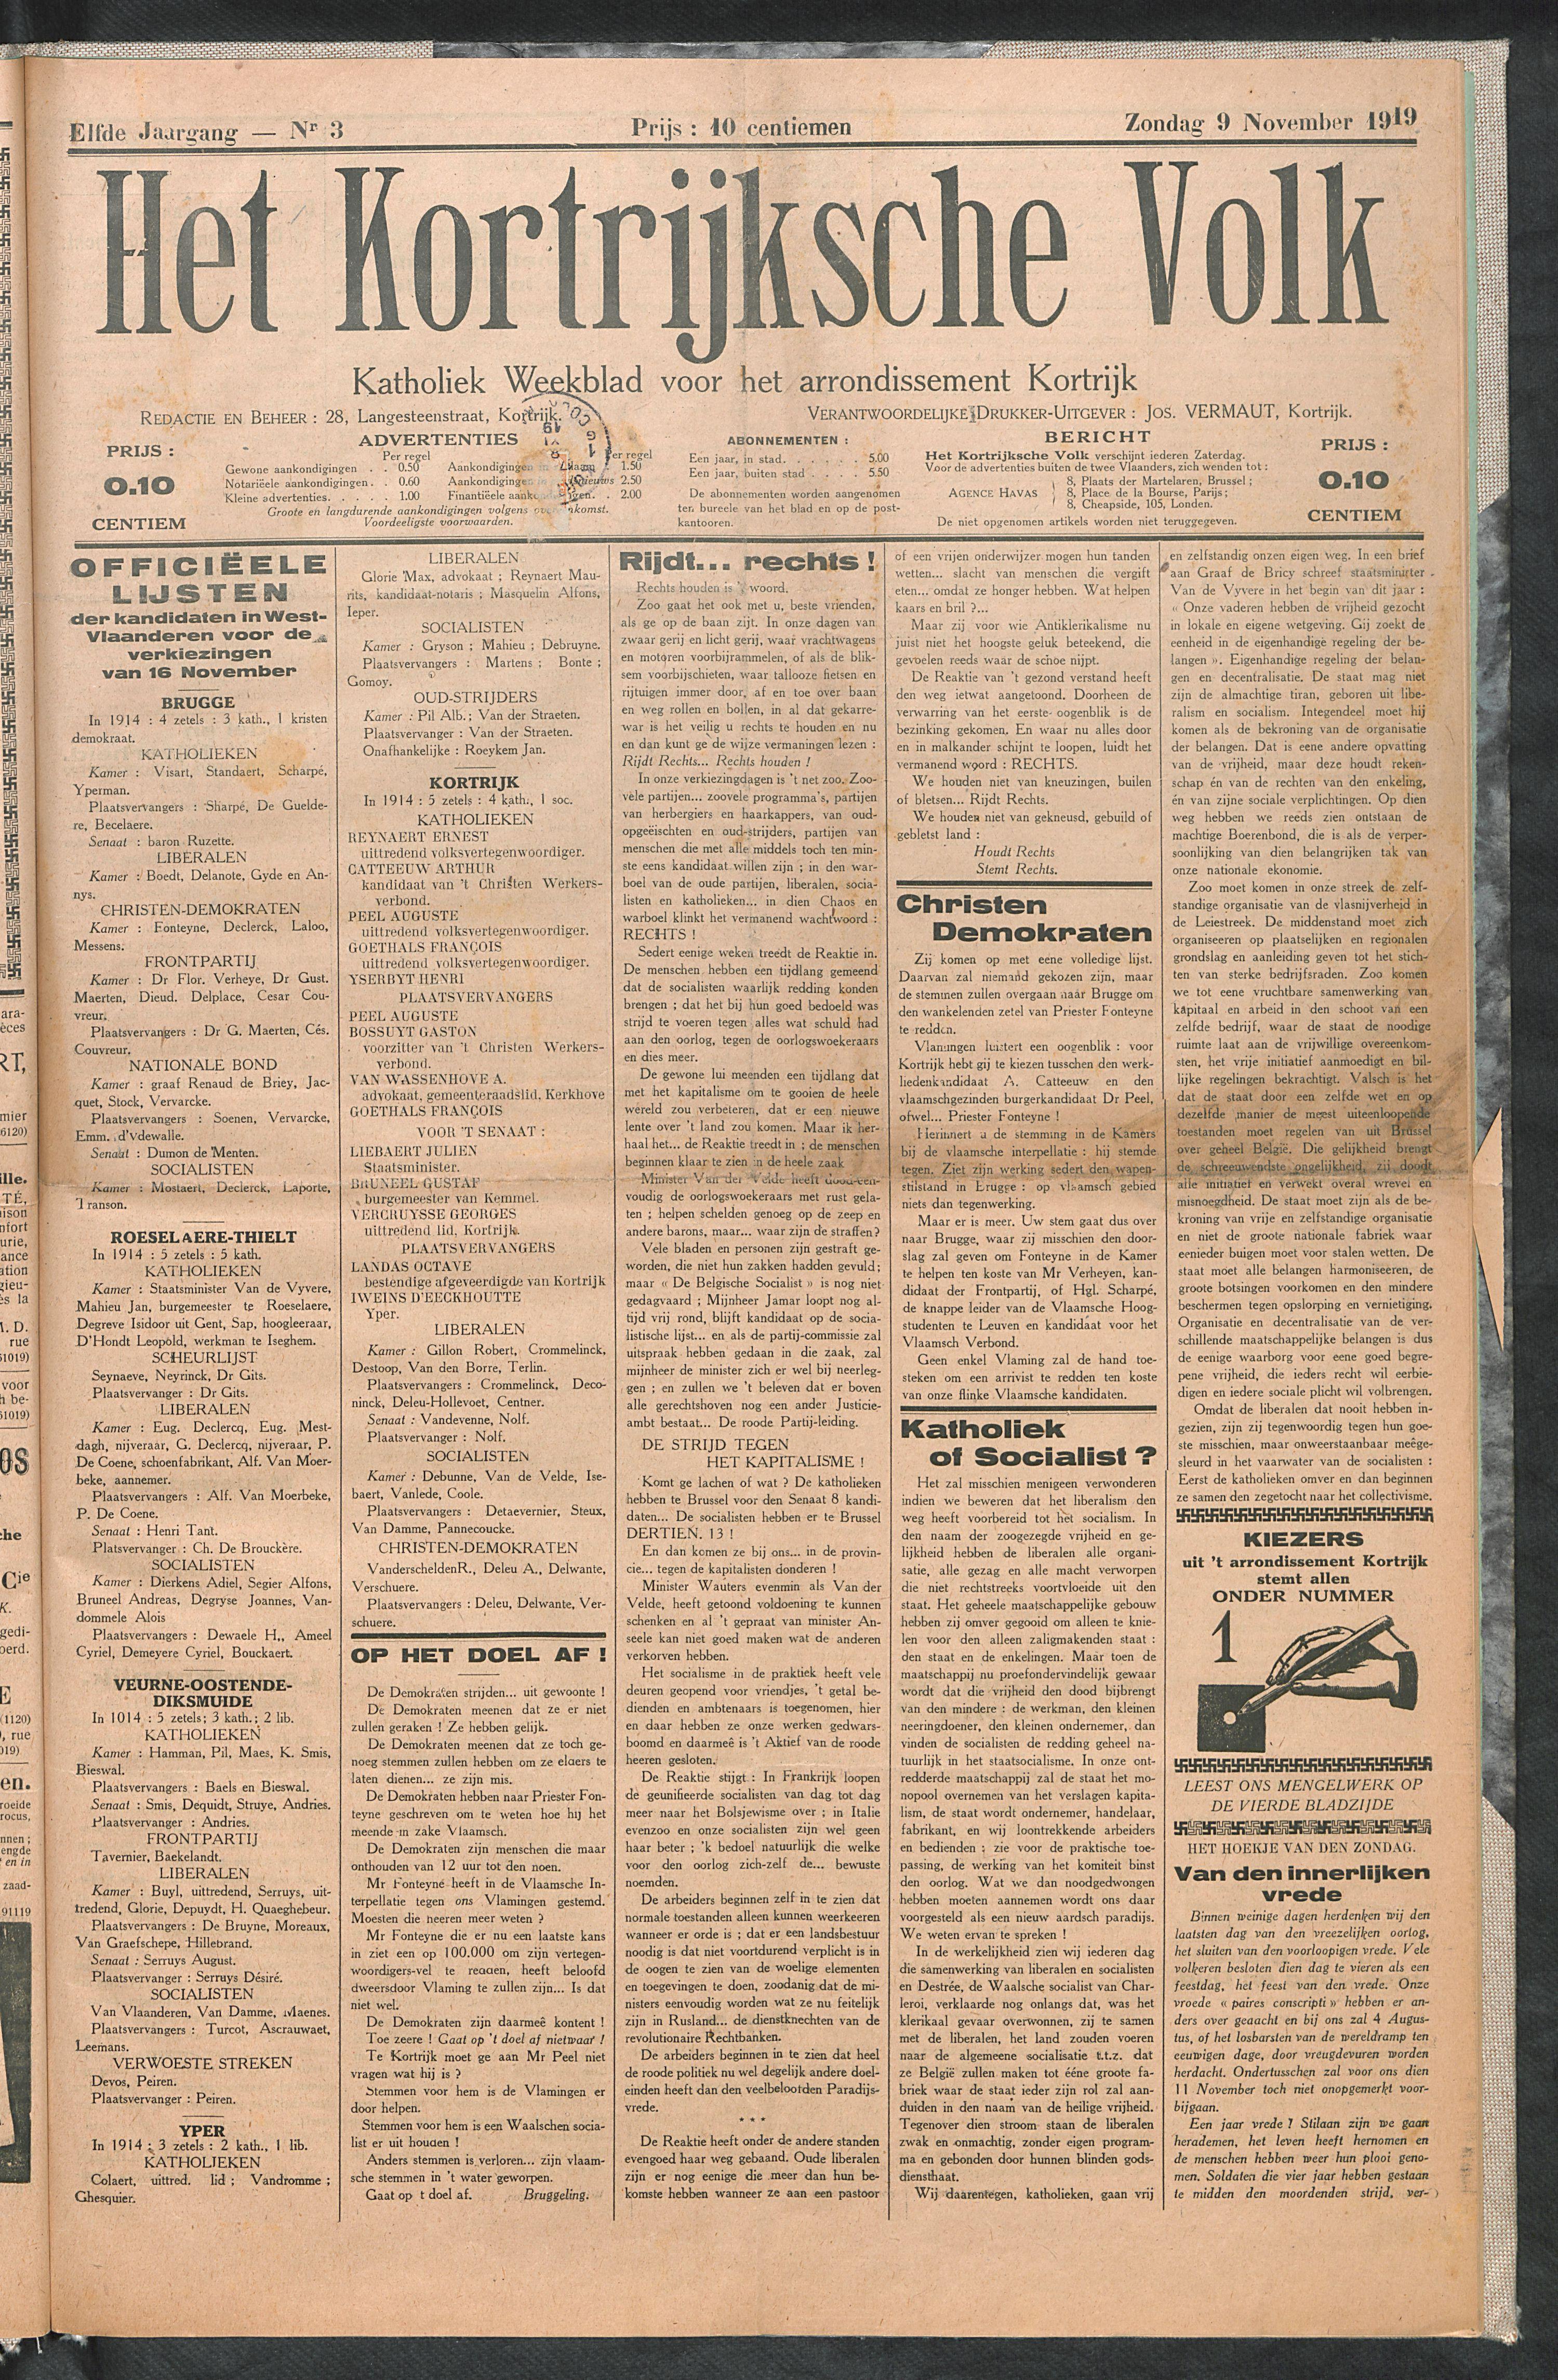 Het Kortrijksche Volk 1919-11-09 p1